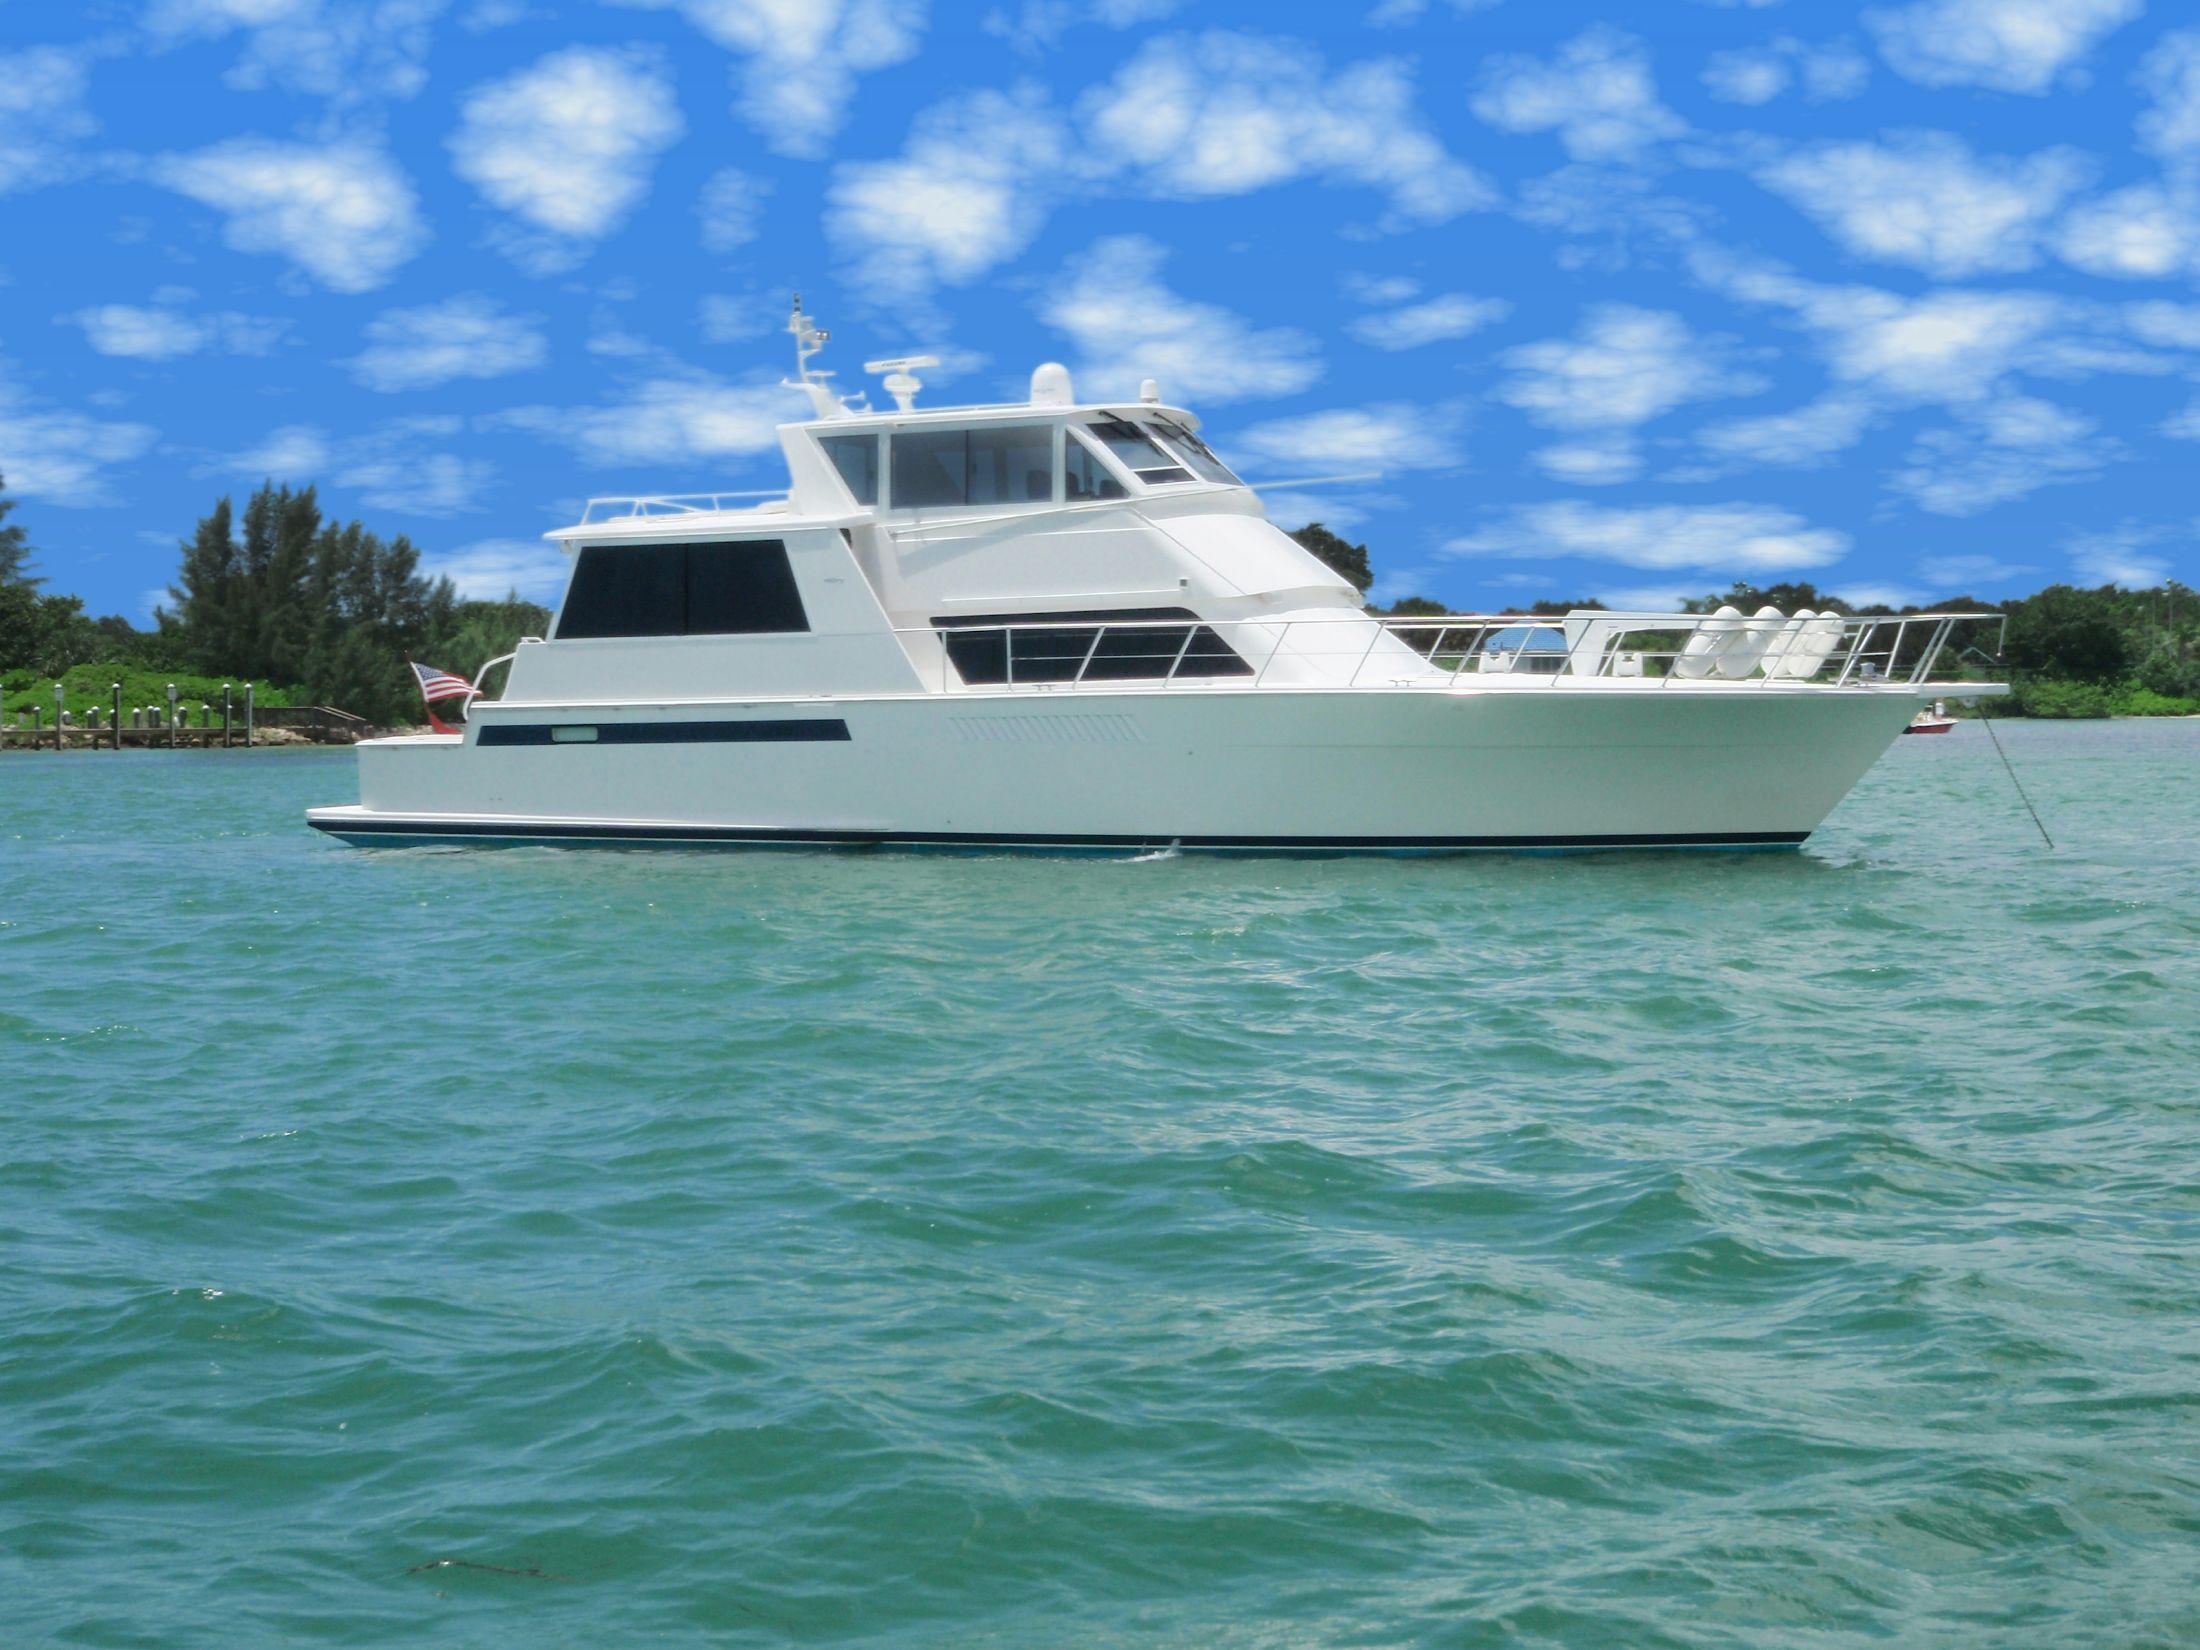 viking yachts 60 cockpit motor yacht brick7 boats